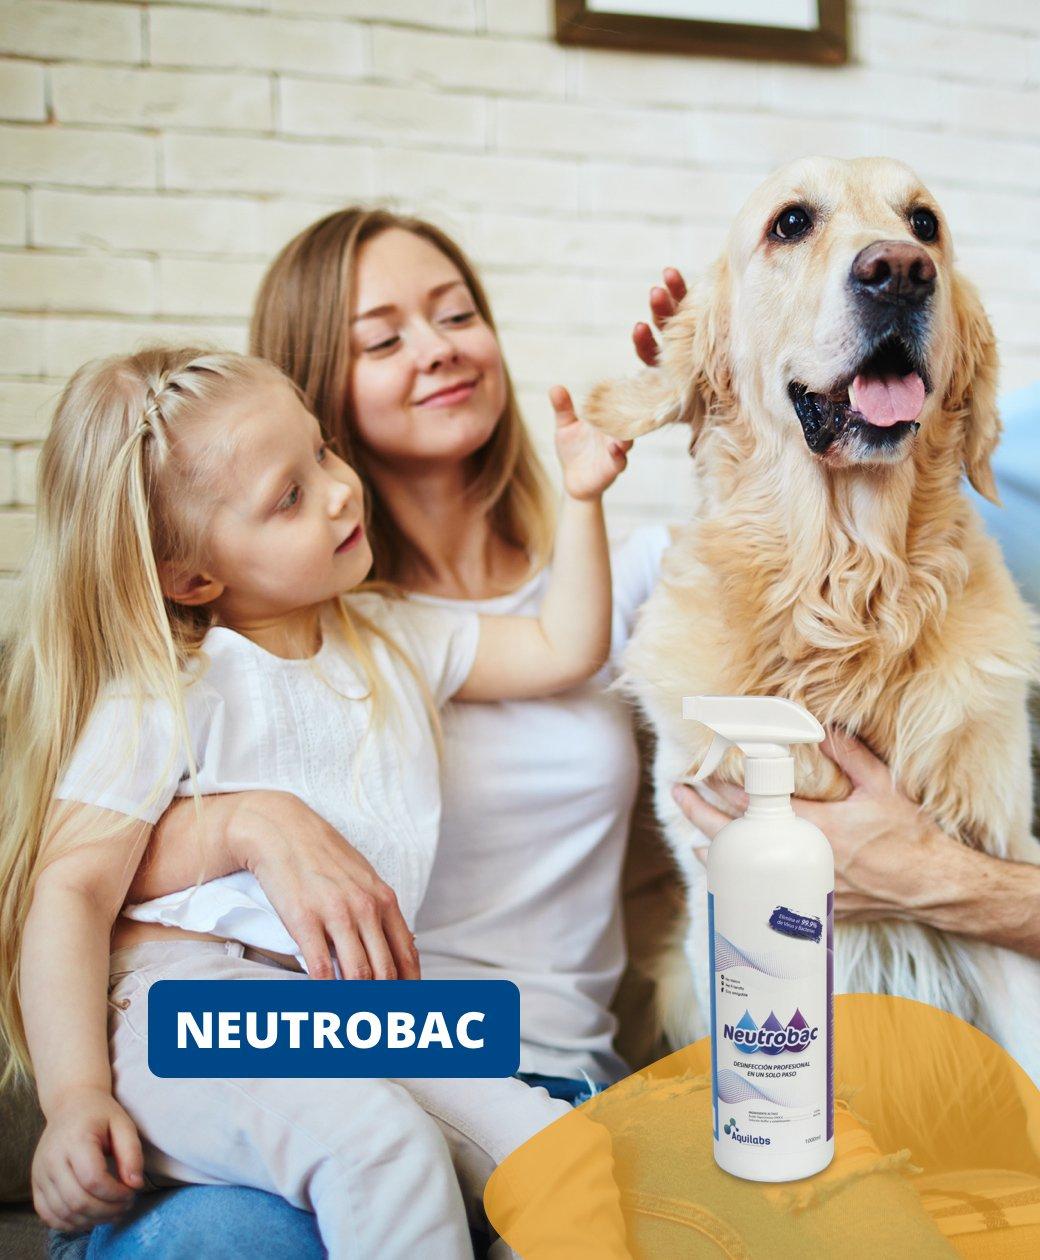 neutrobac